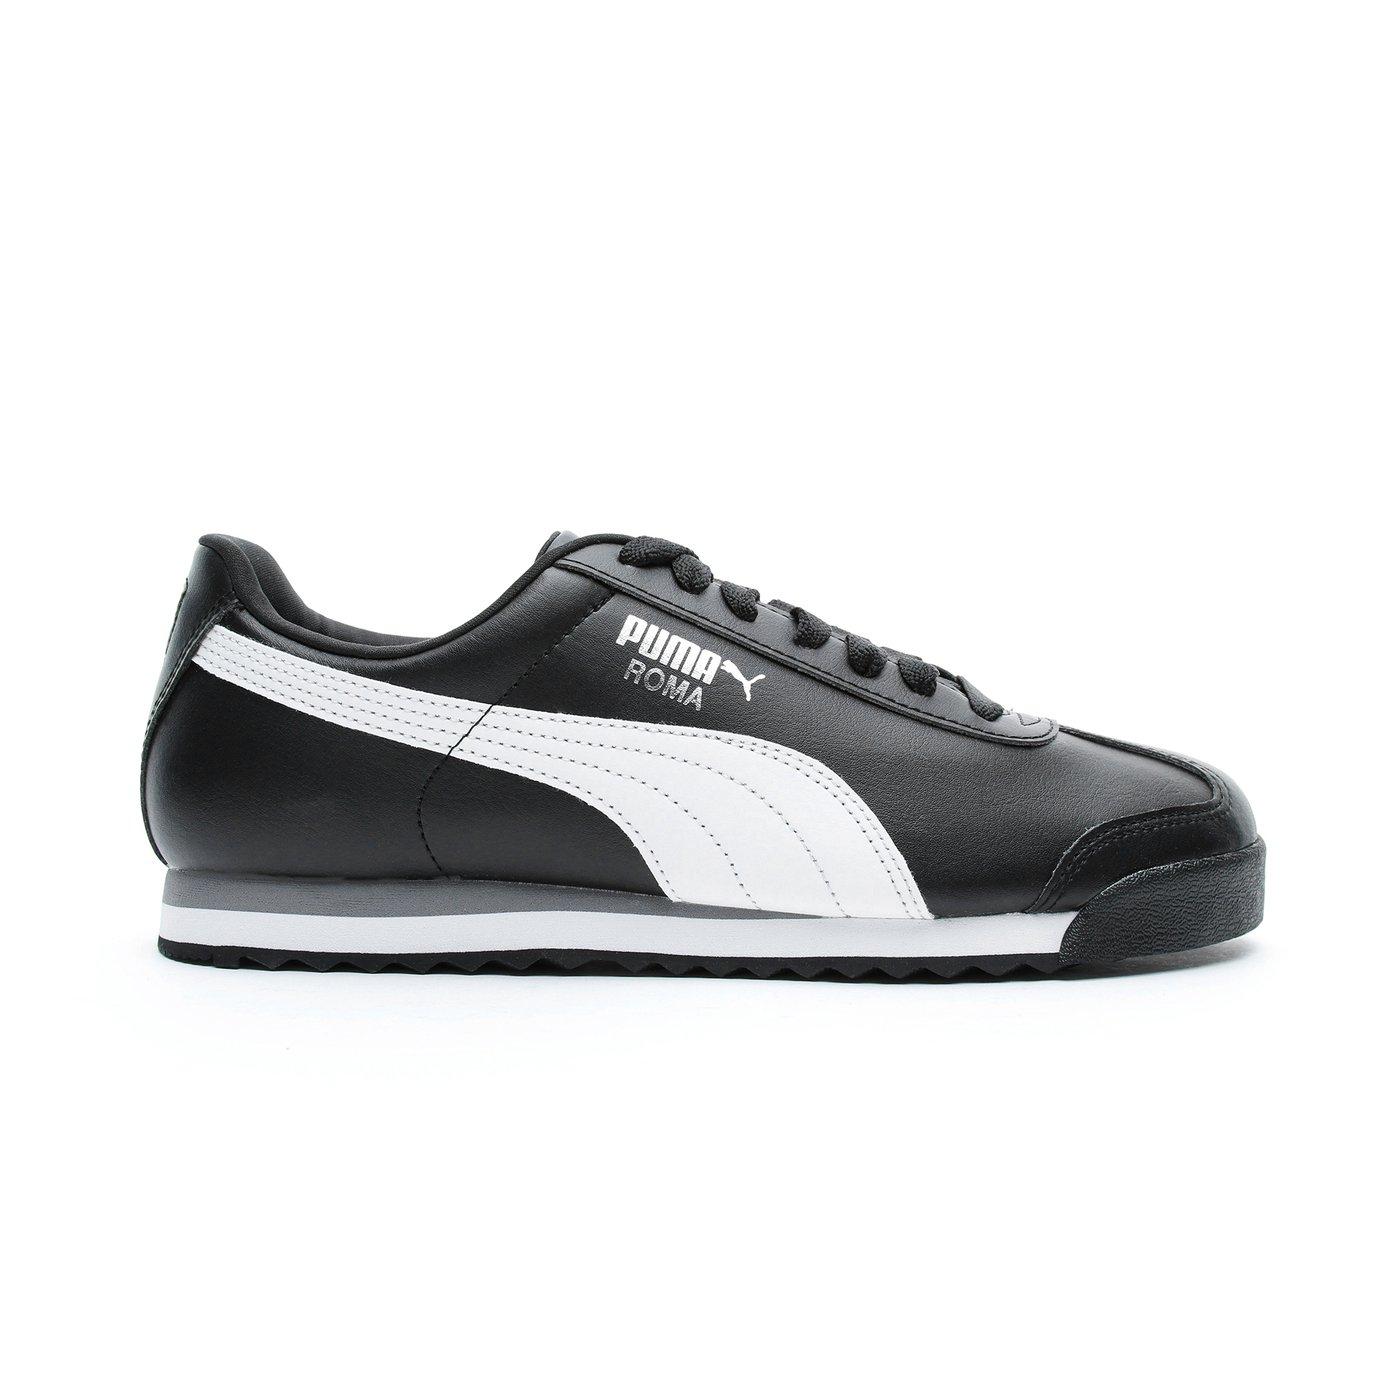 Puma Roma Basic Erkek Siyah Spor Ayakkabı